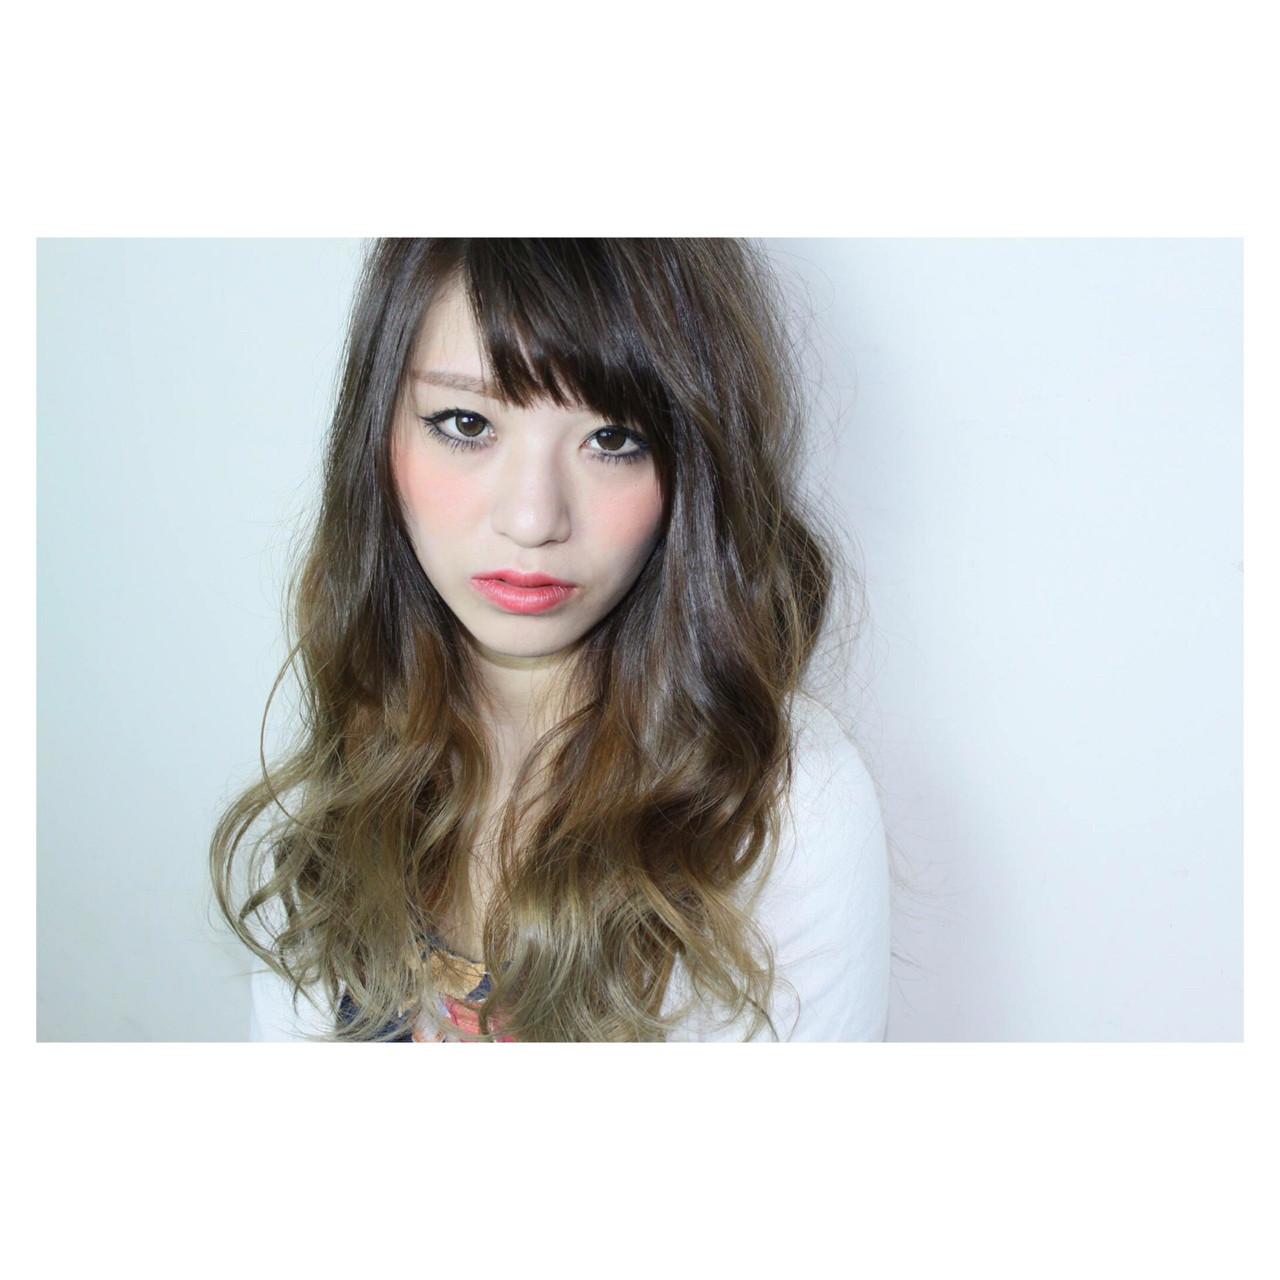 ゆるふわ アッシュ ブラウン ストリート ヘアスタイルや髪型の写真・画像   tomohito kobayashi / 6月に独立します